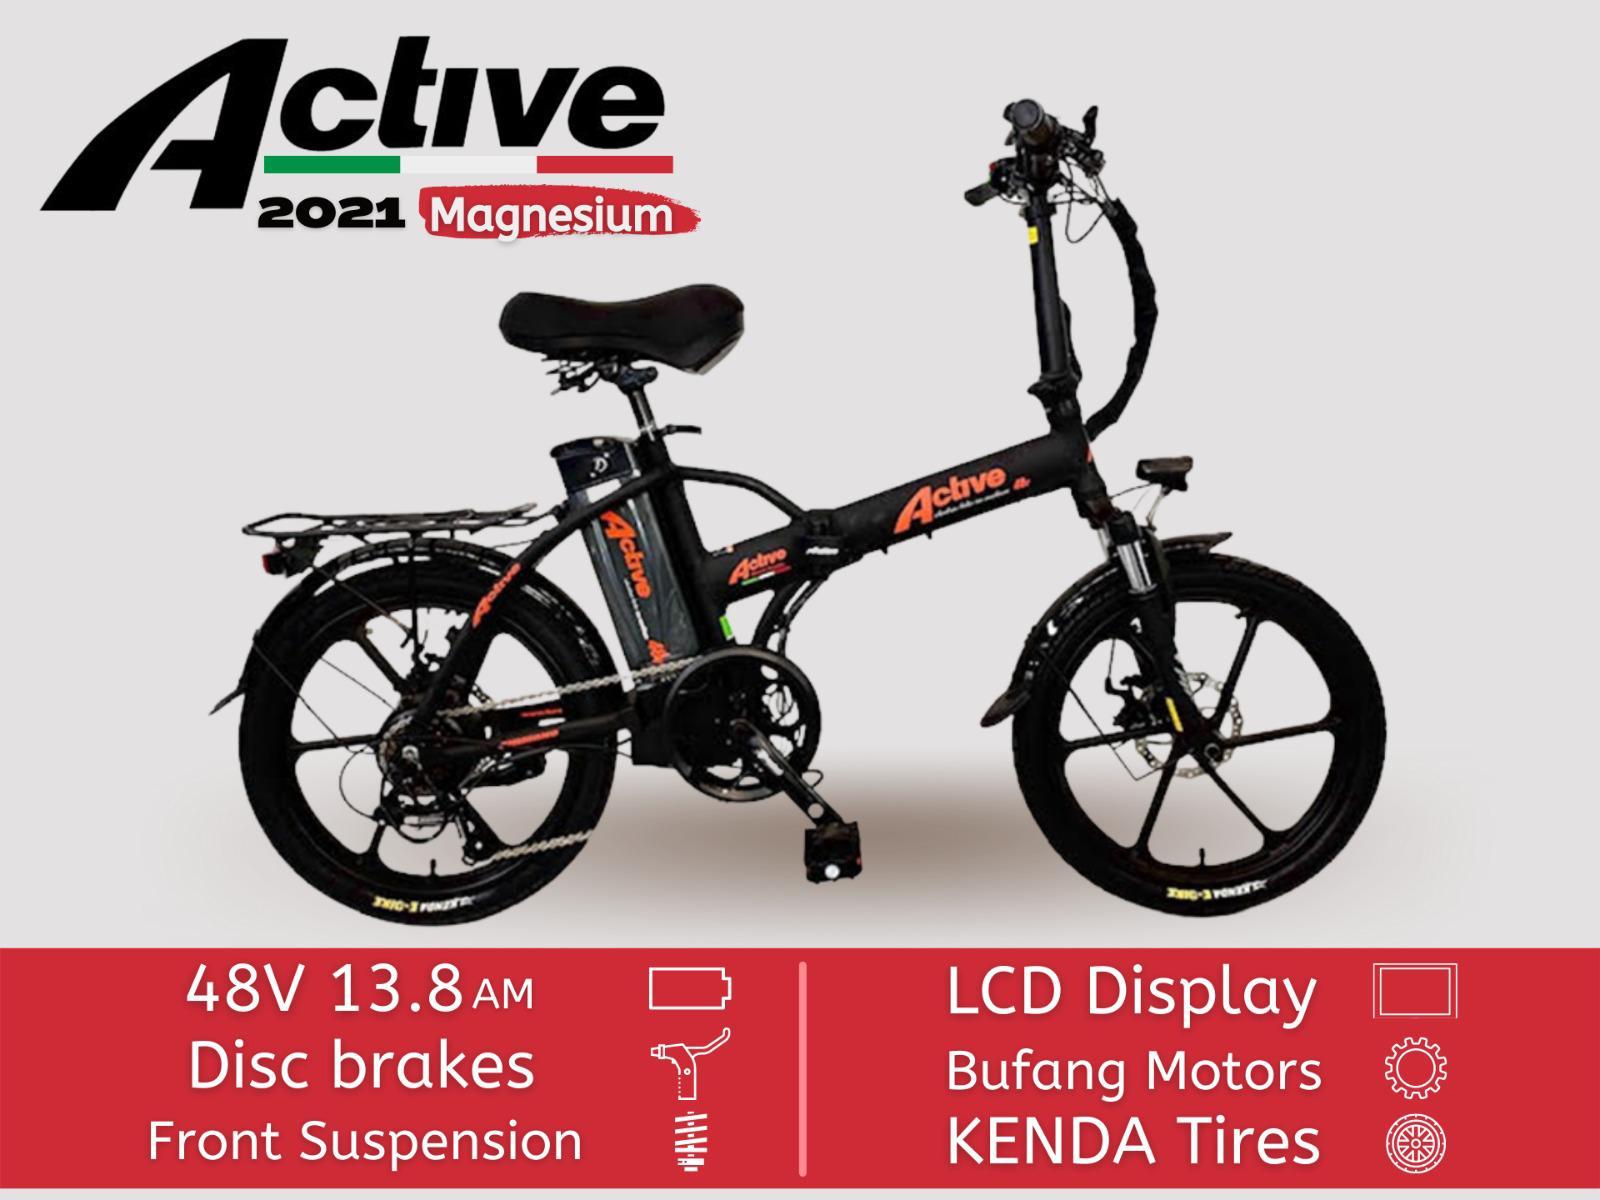 אופניים חשמליים אקטיב 48 ACTIVE מגנזיום